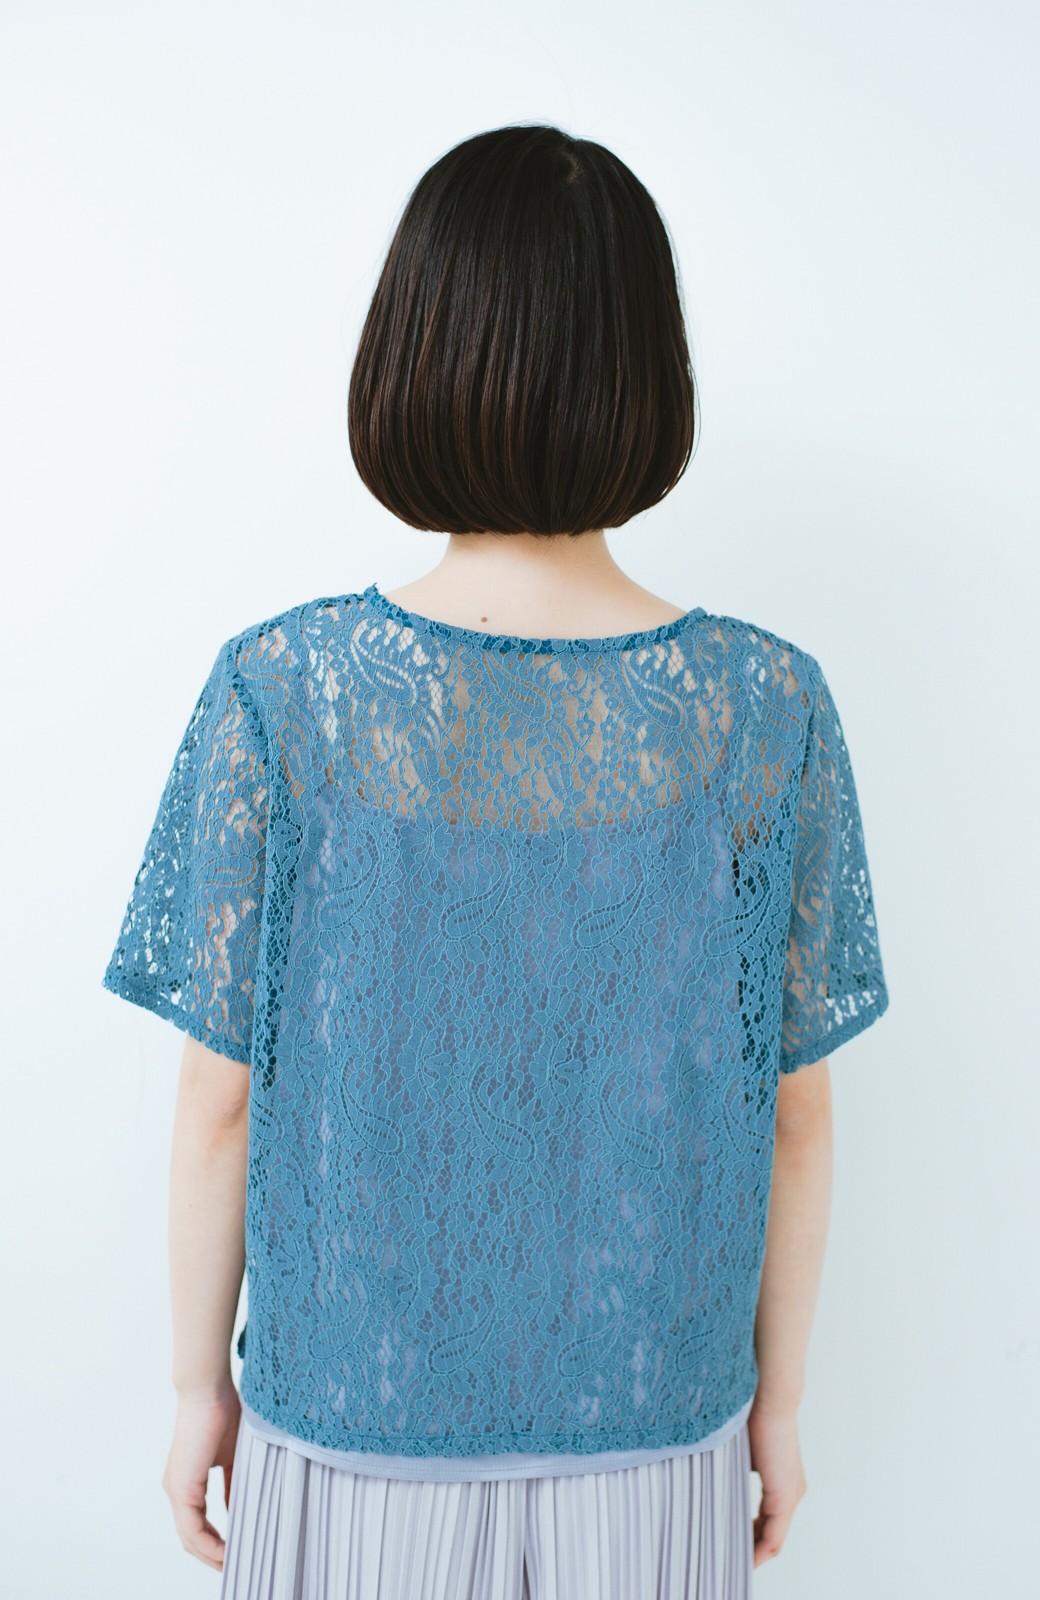 haco! いつものTシャツのかわりに着たい レースTブラウスとキャミソールセット <ブルー>の商品写真12